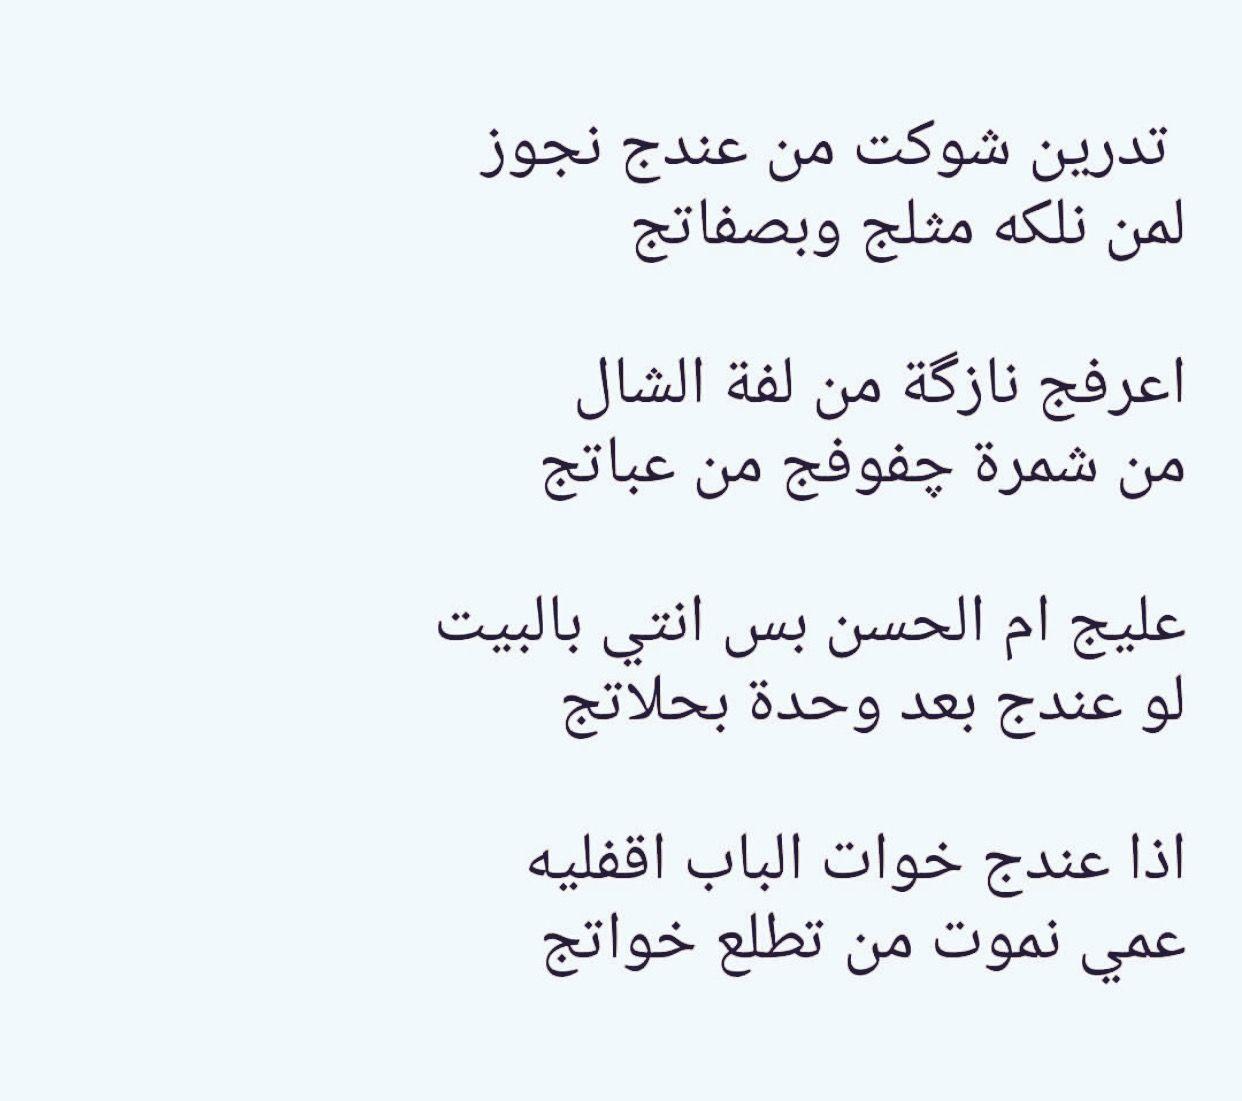 بالصور شعر عتاب عراقي , ابيات شعر عراقية قصيرة عن العتاب 5744 2